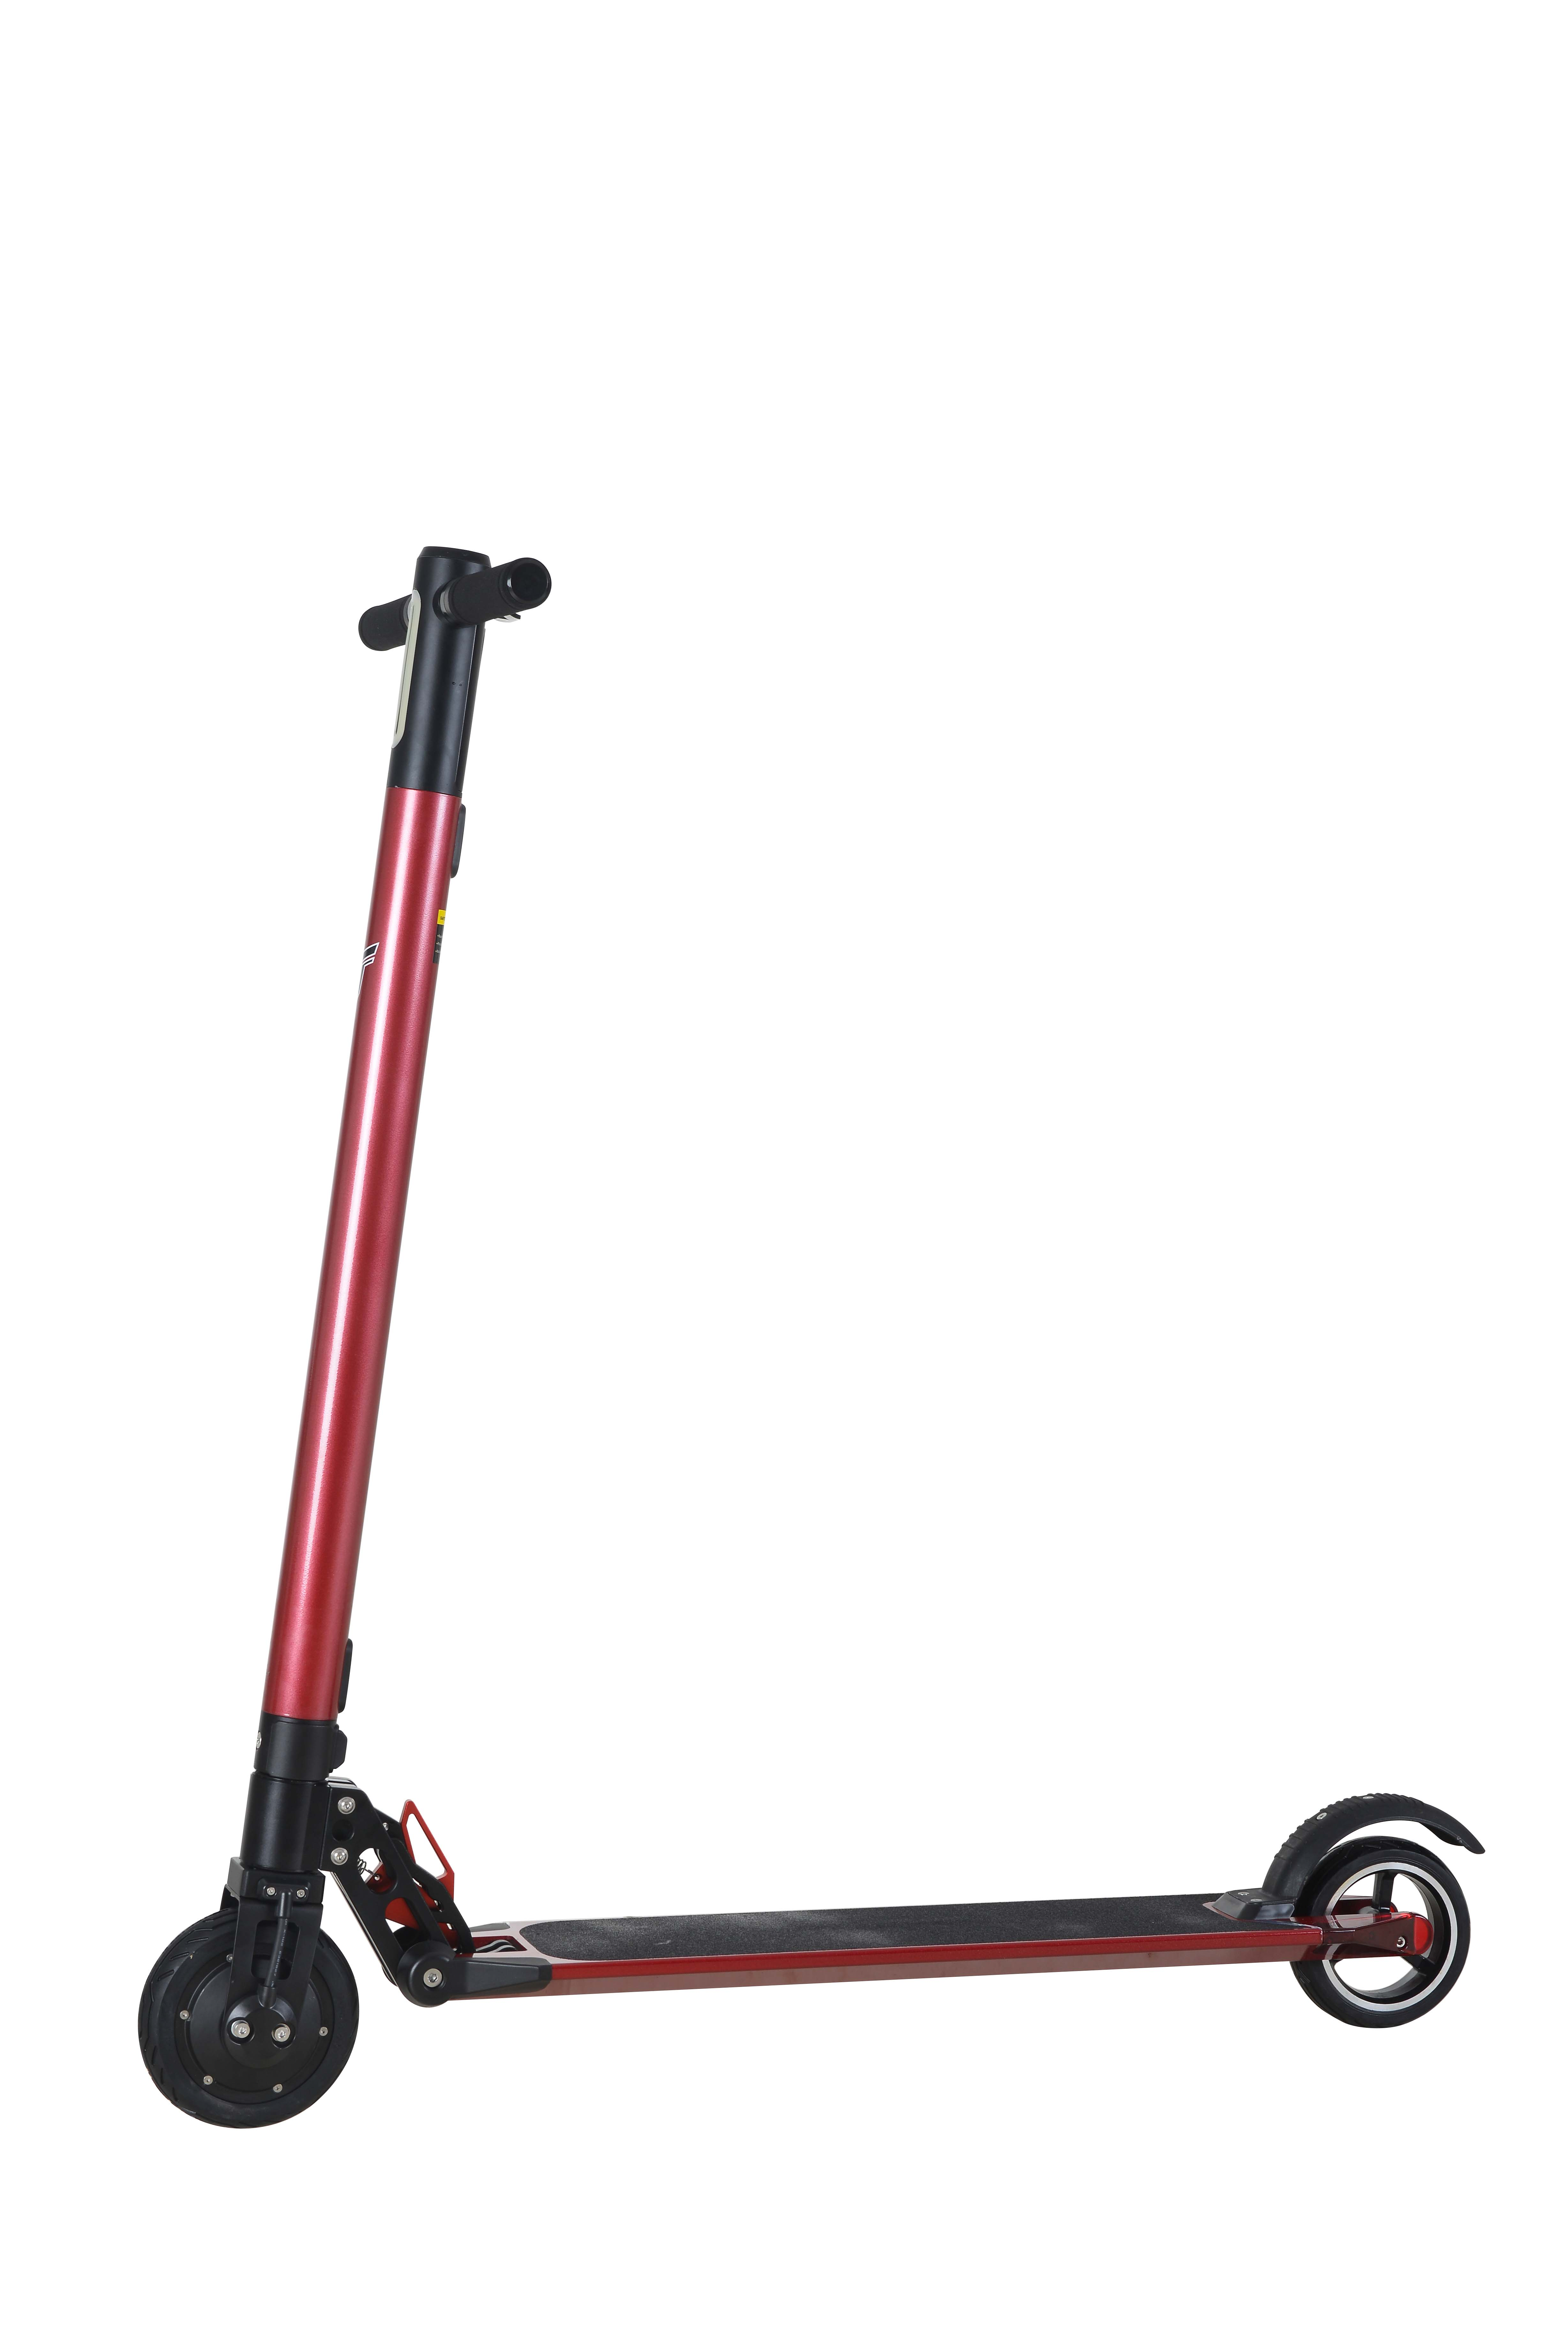 e scooter elektroroller kick scooter city roller. Black Bedroom Furniture Sets. Home Design Ideas